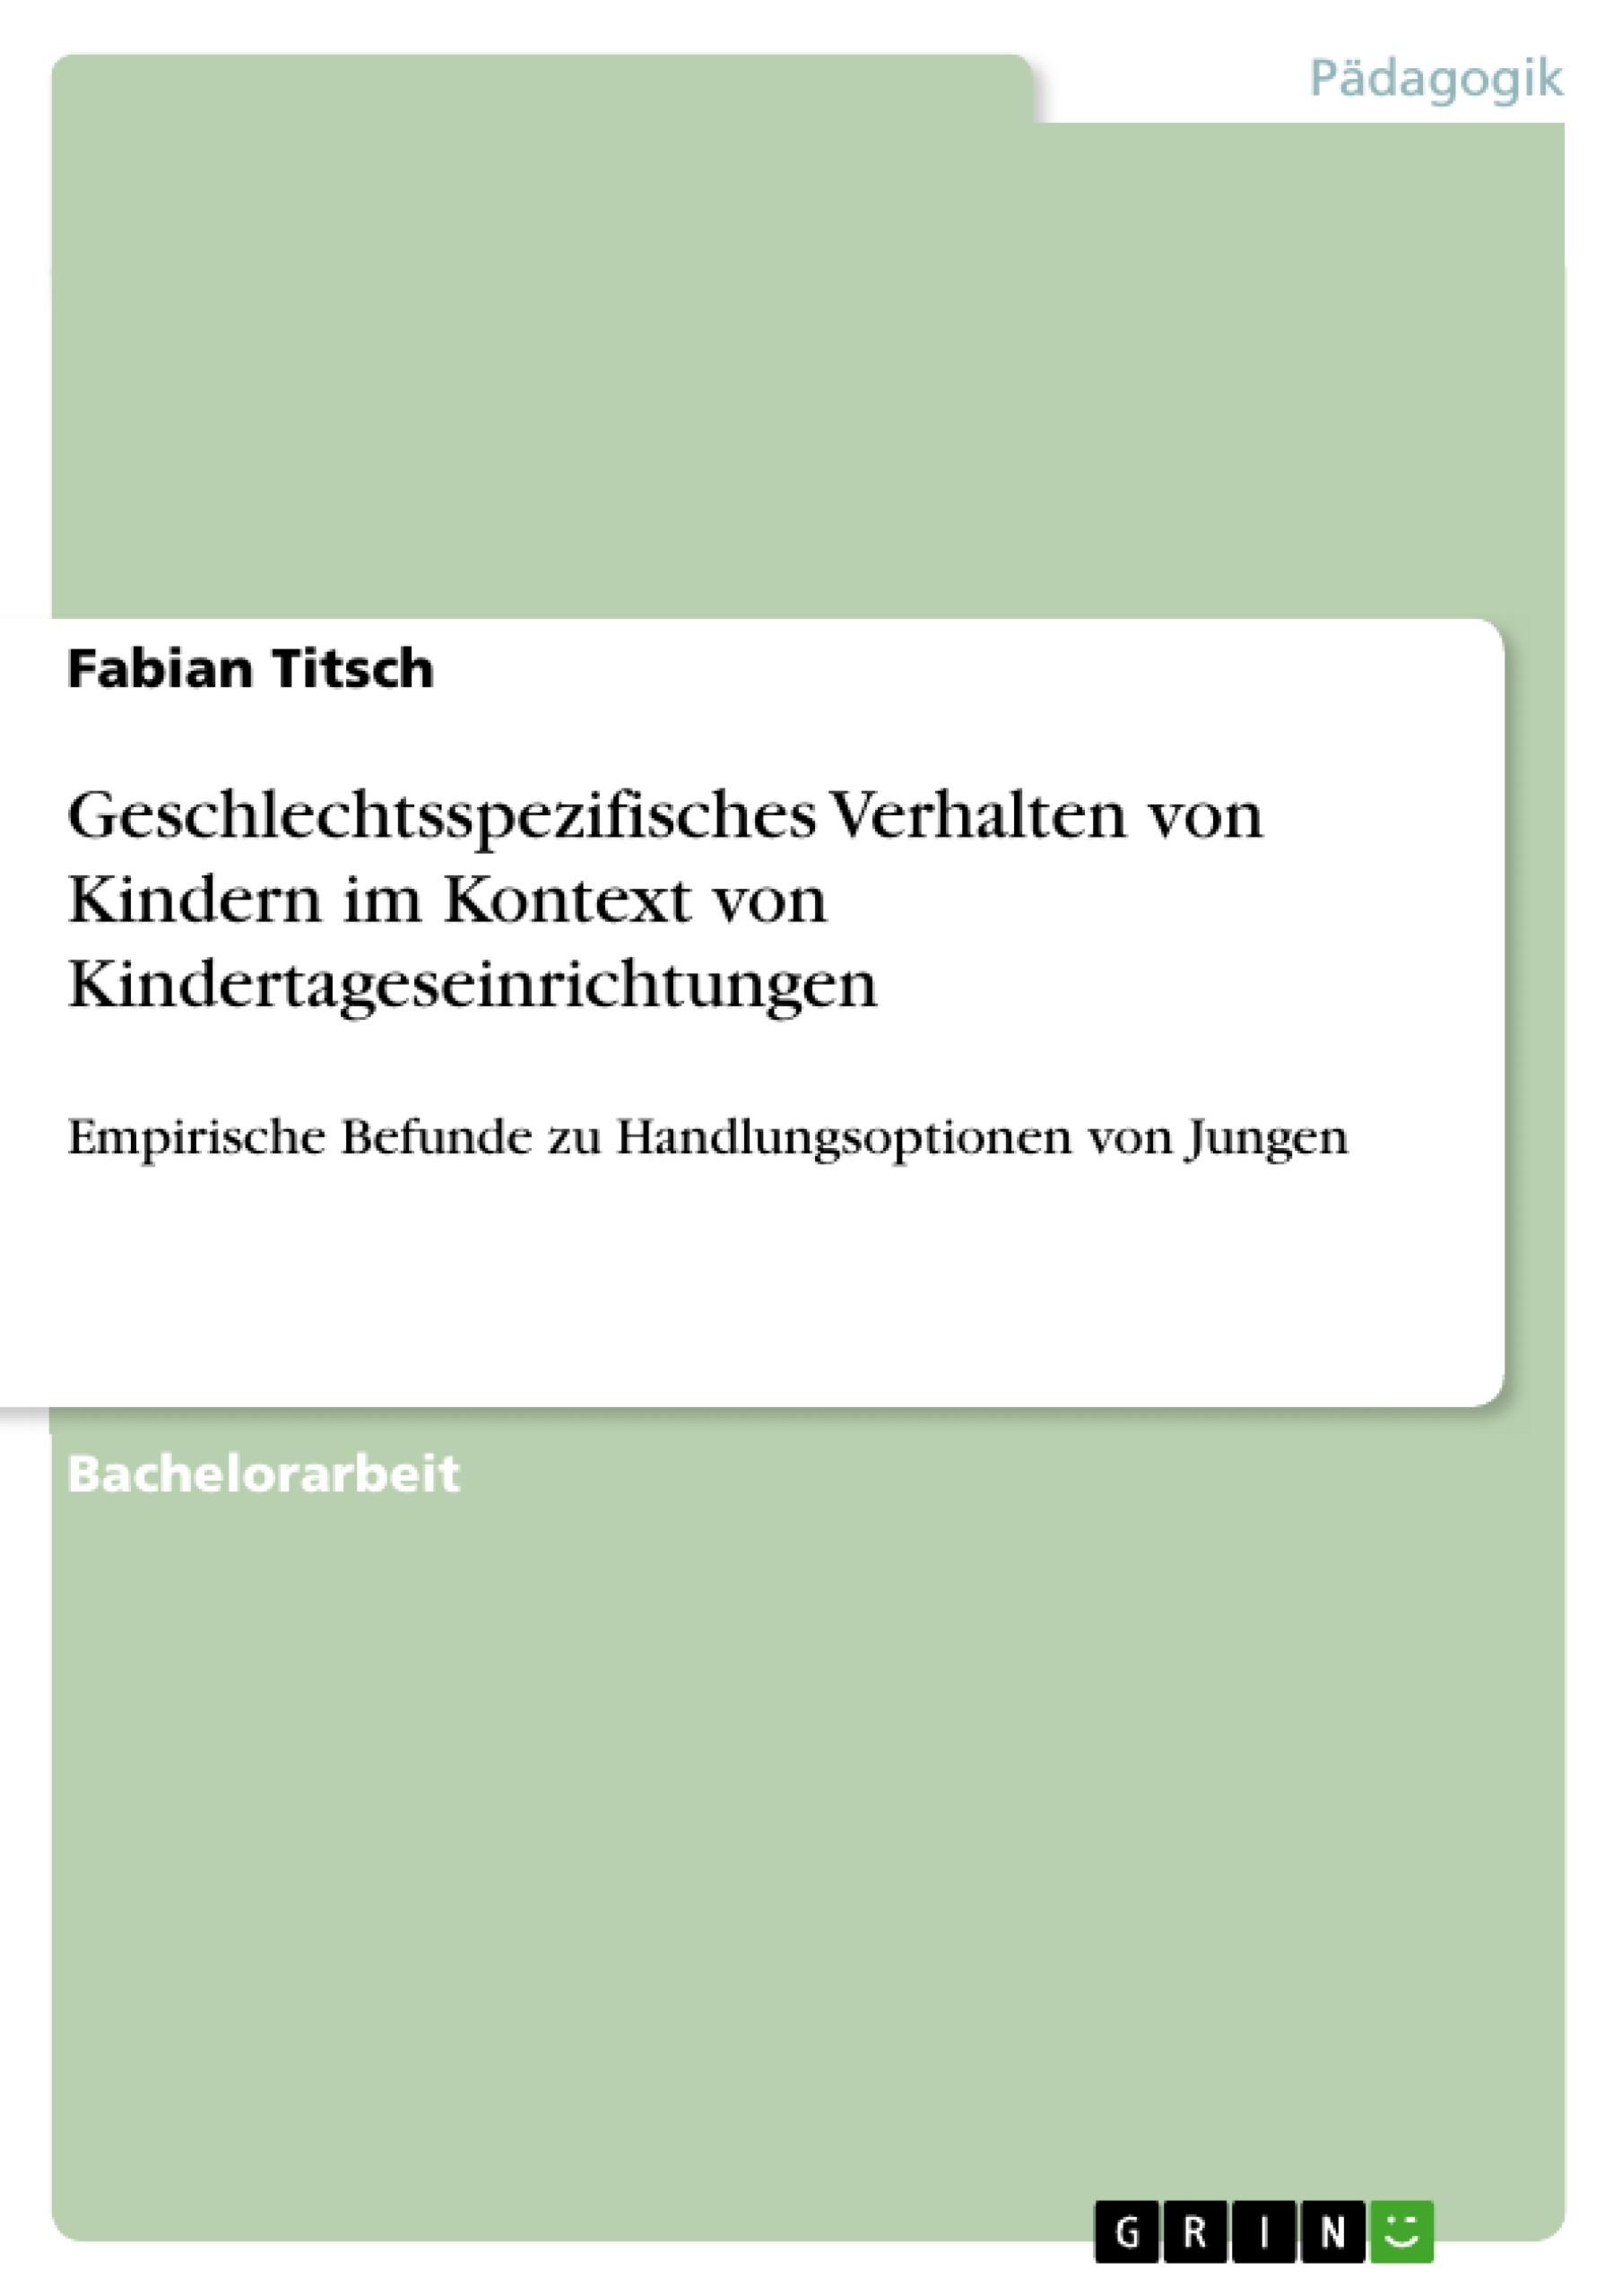 Titel: Geschlechtsspezifisches Verhalten von Kindern im Kontext von Kindertageseinrichtungen